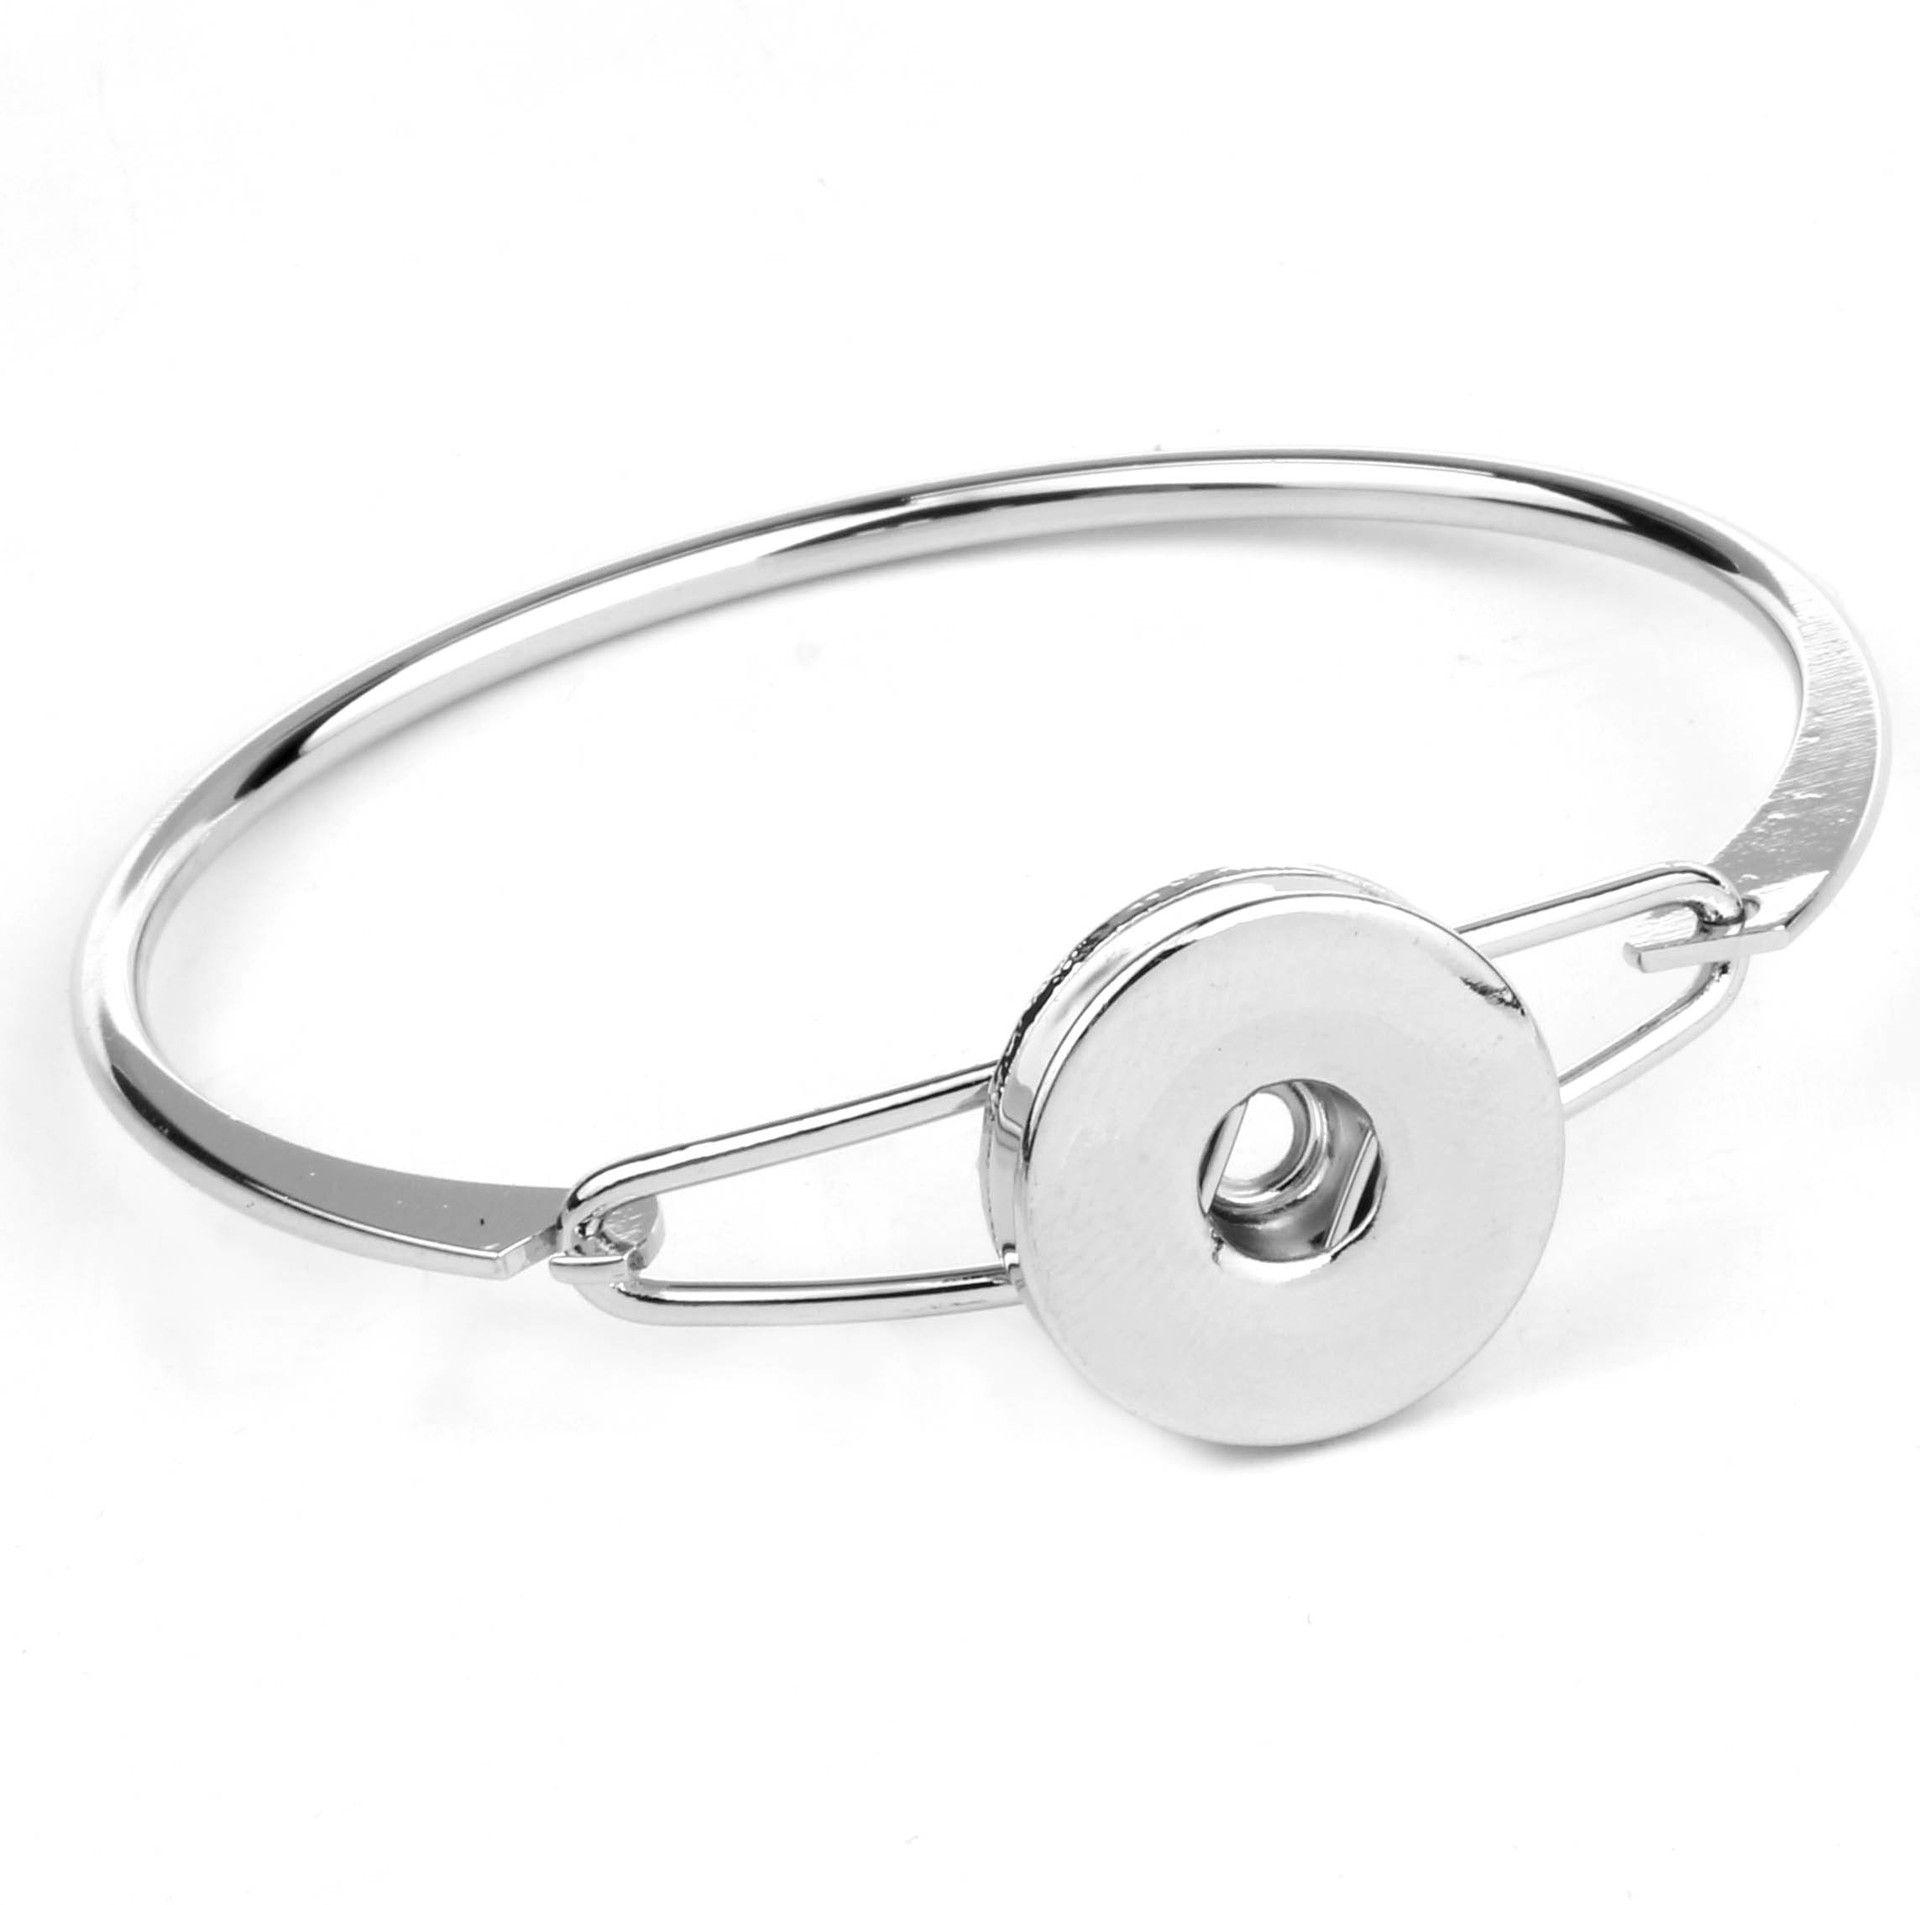 18MM Date Snap Bijoux Gingembre Snap Bracelet En Métal Charme Strass En Aluminium Bouton Bracelets Pour Femmes